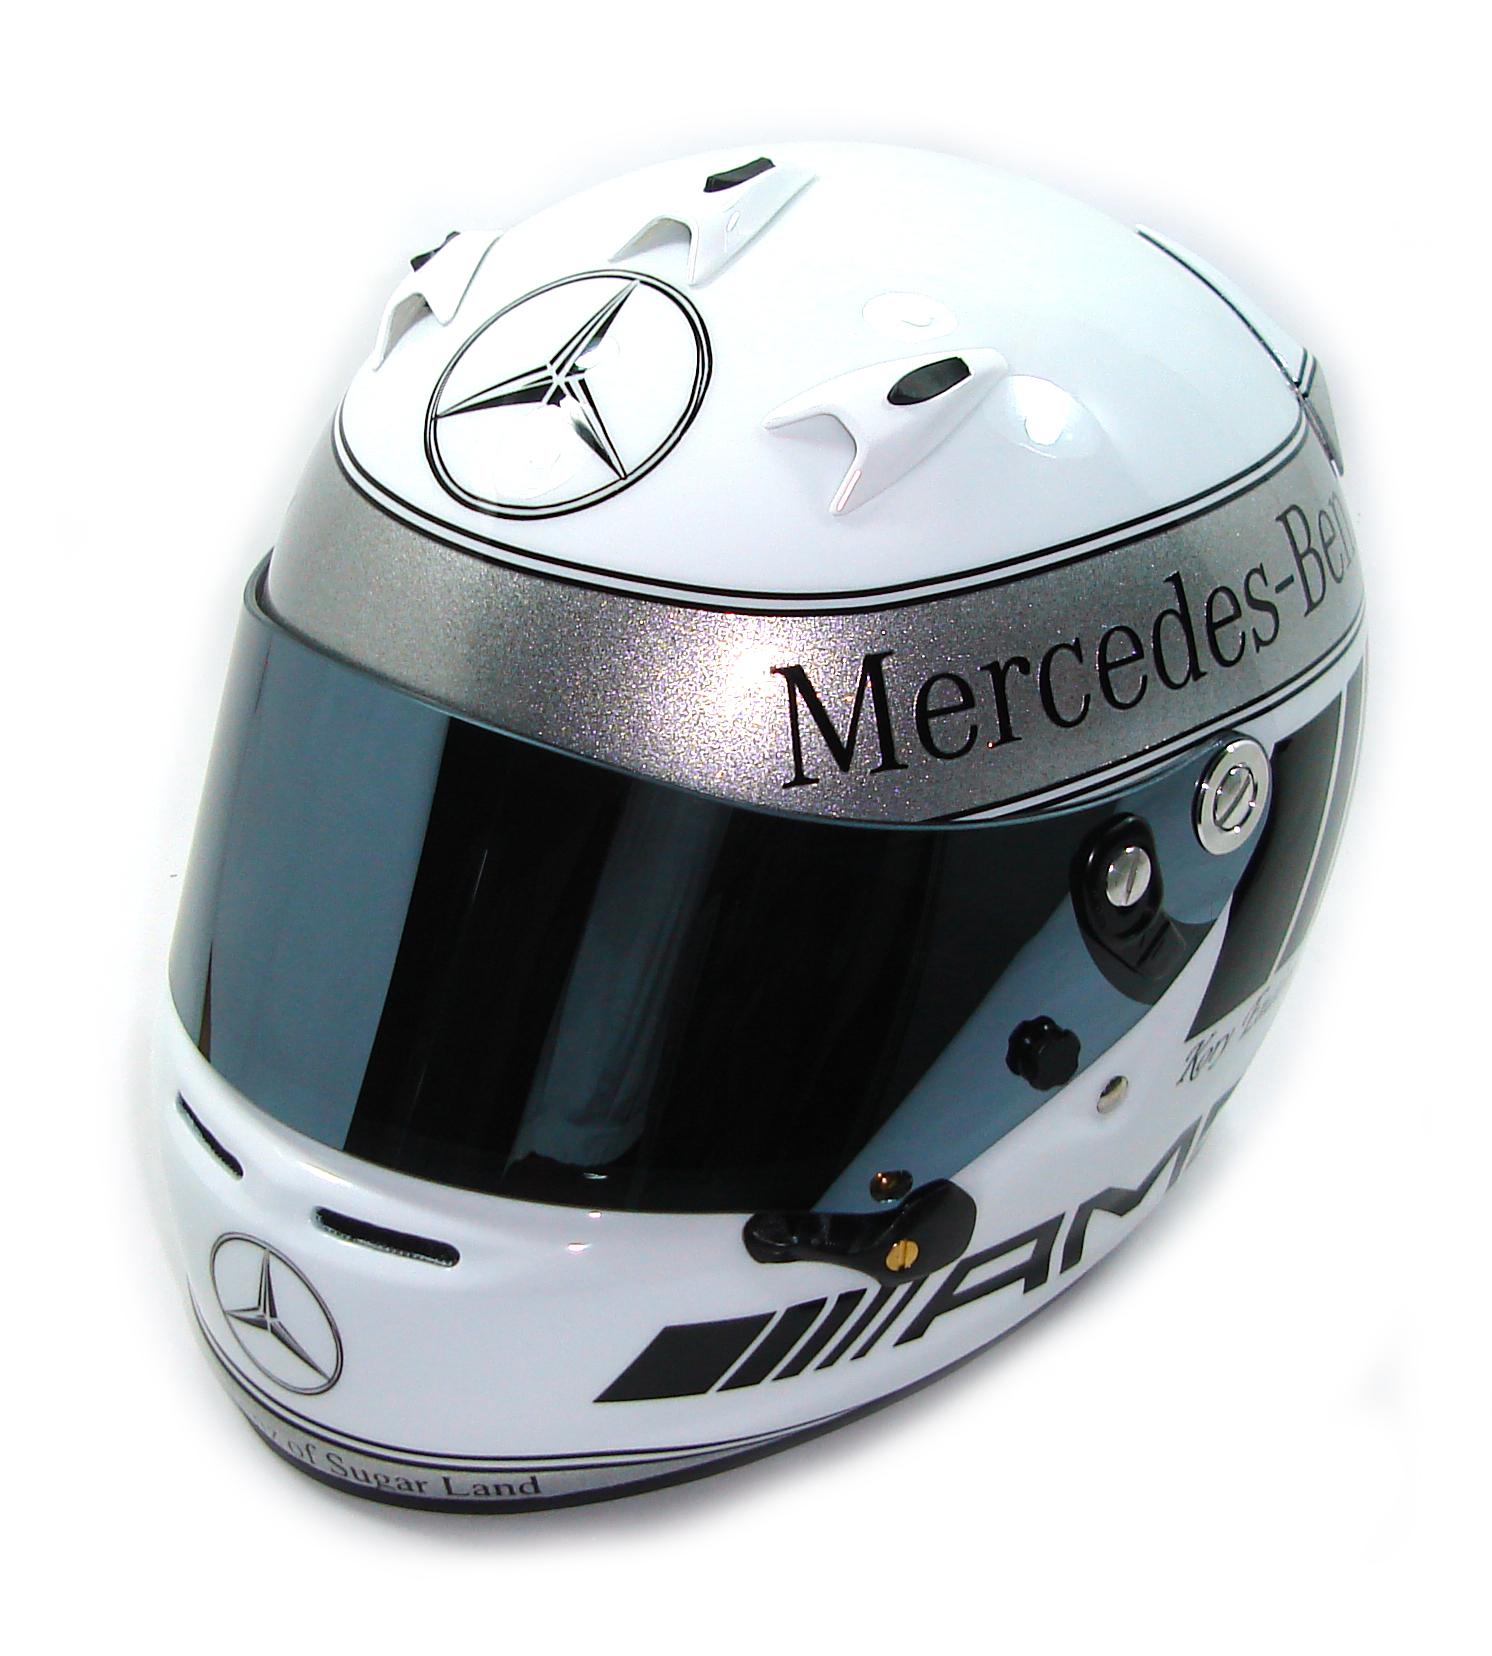 Custom Painted Helmet Gallery - Mercedes Benz AMG Helmet